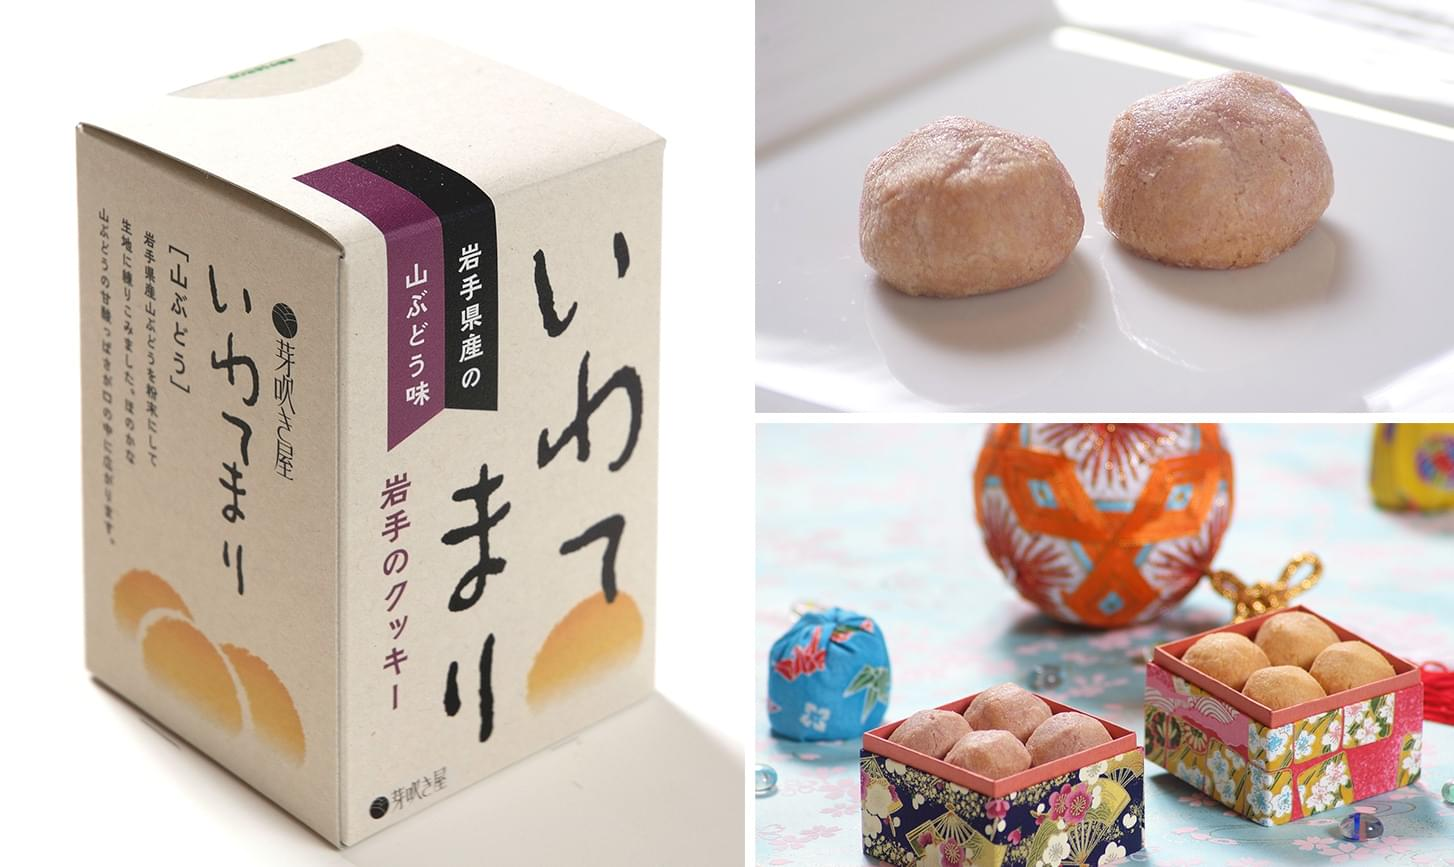 花巻の人気お土産15選!おすすめのお菓子や、雑貨はこれ!